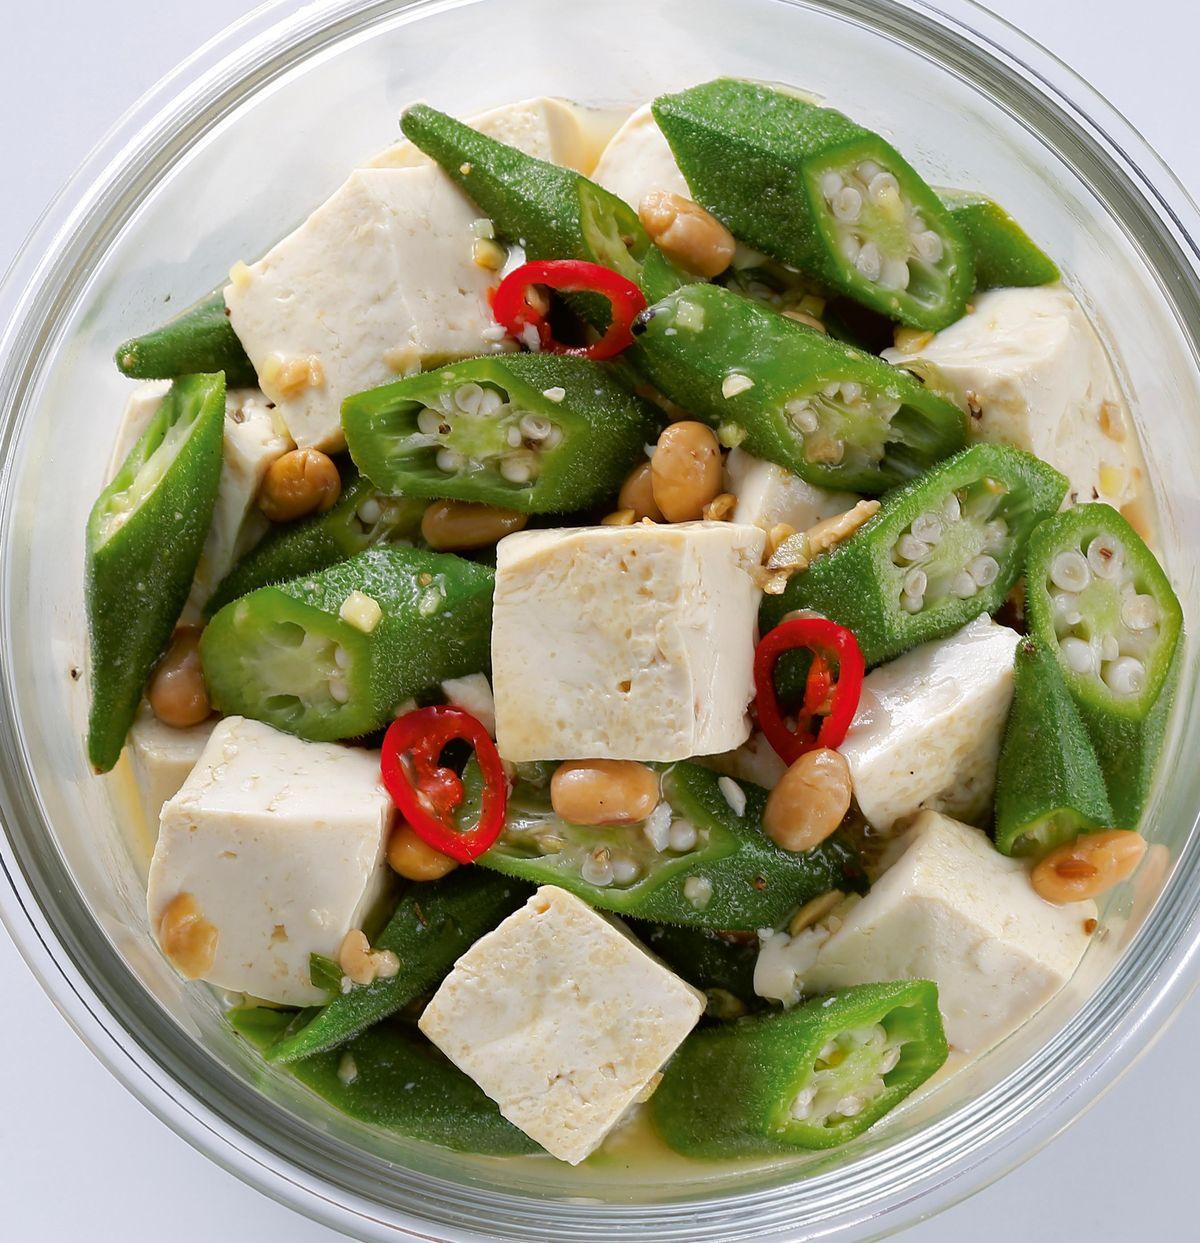 食譜:秋葵炒豆腐